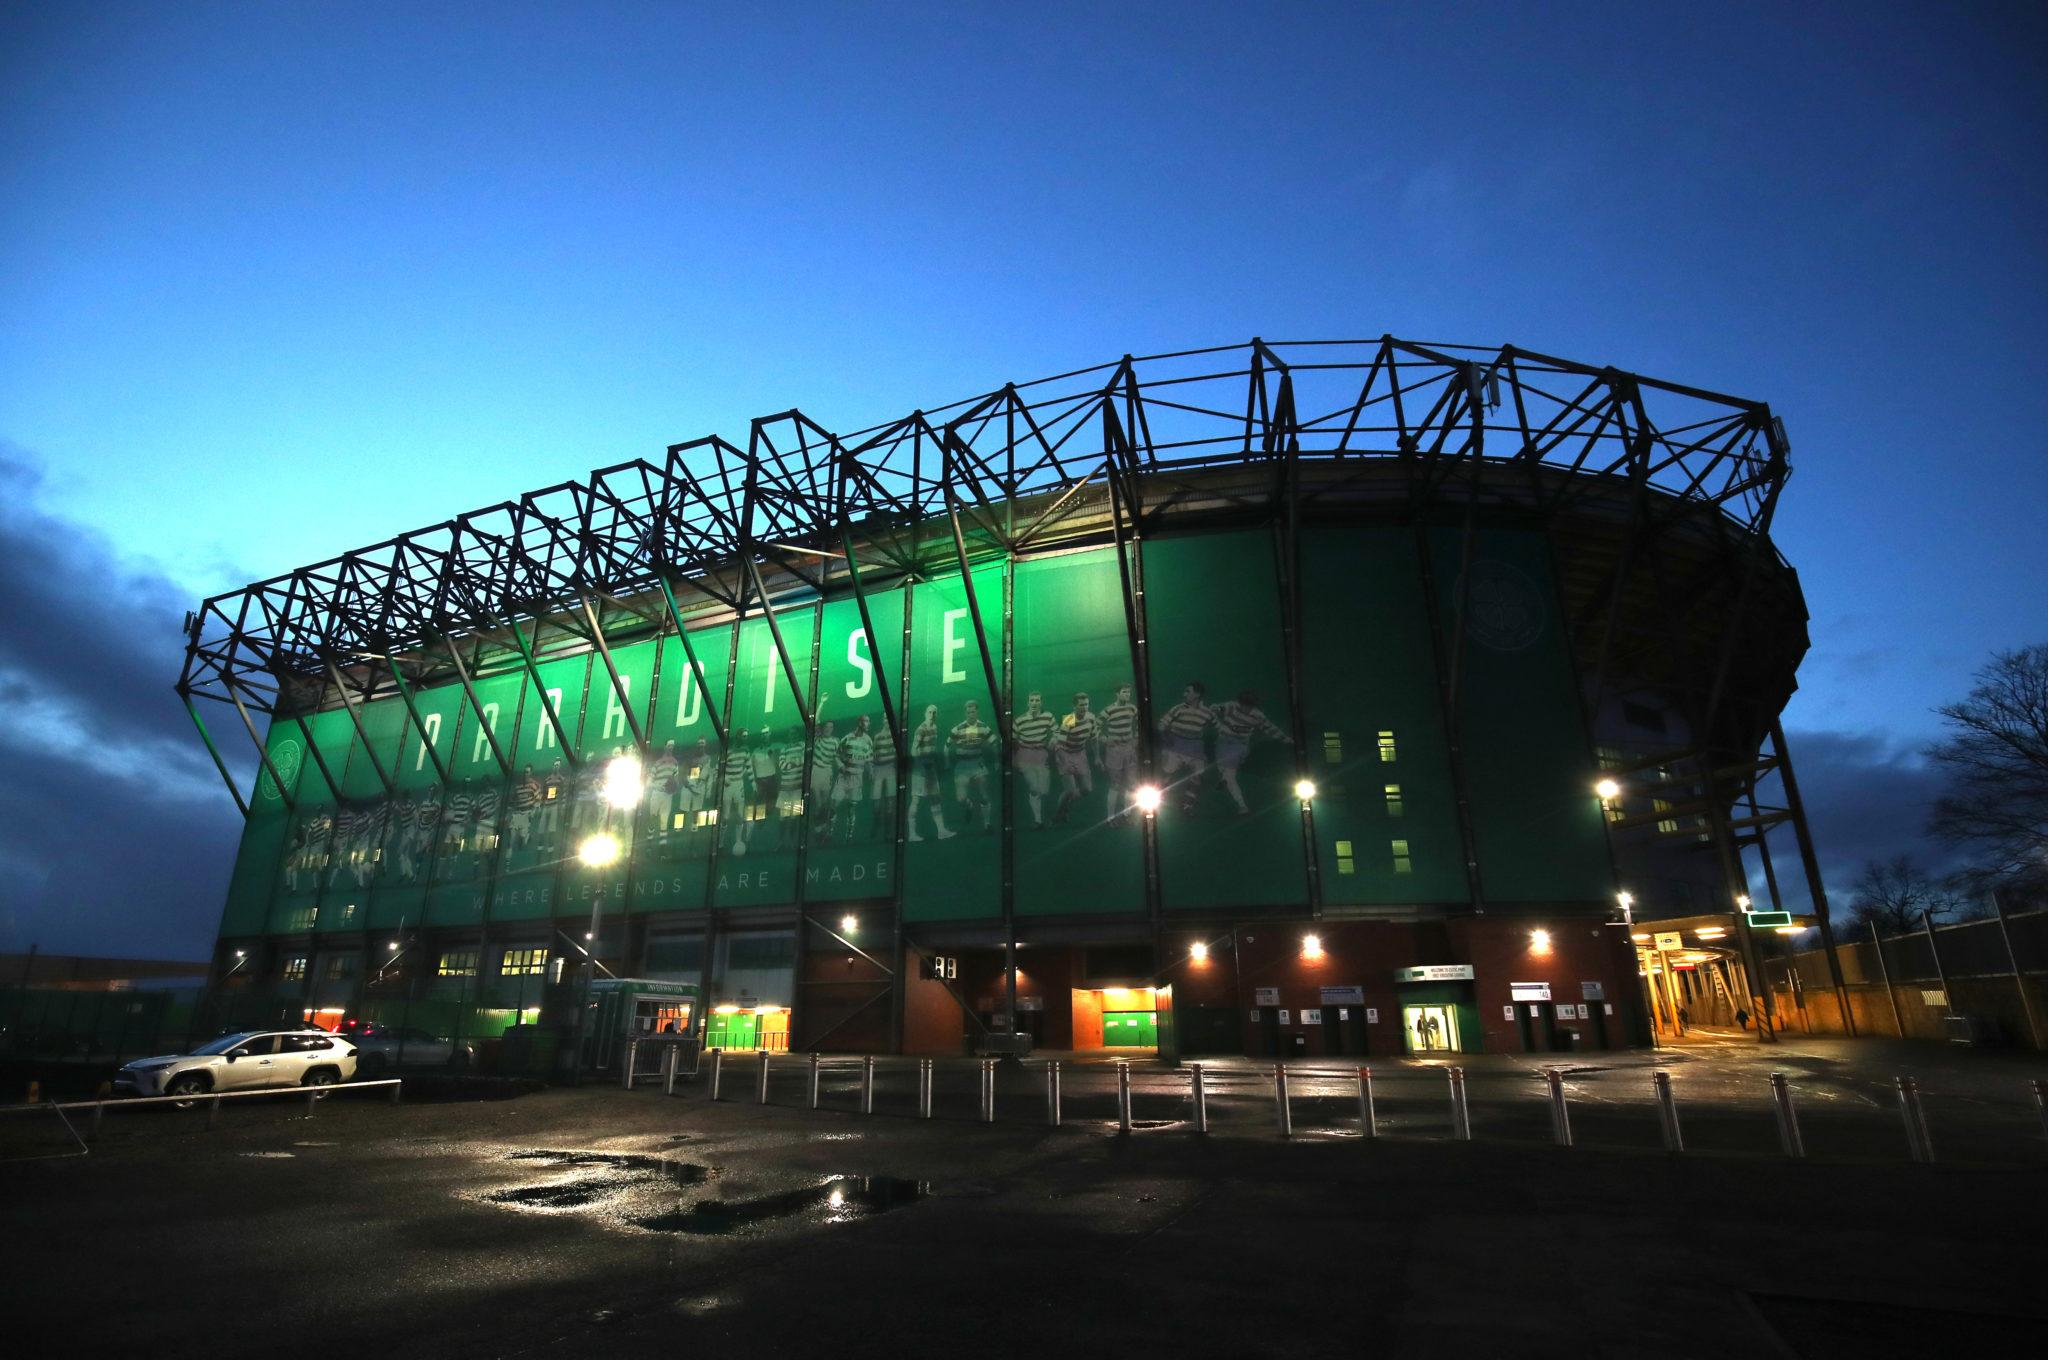 Cletic home stadium Parkhead